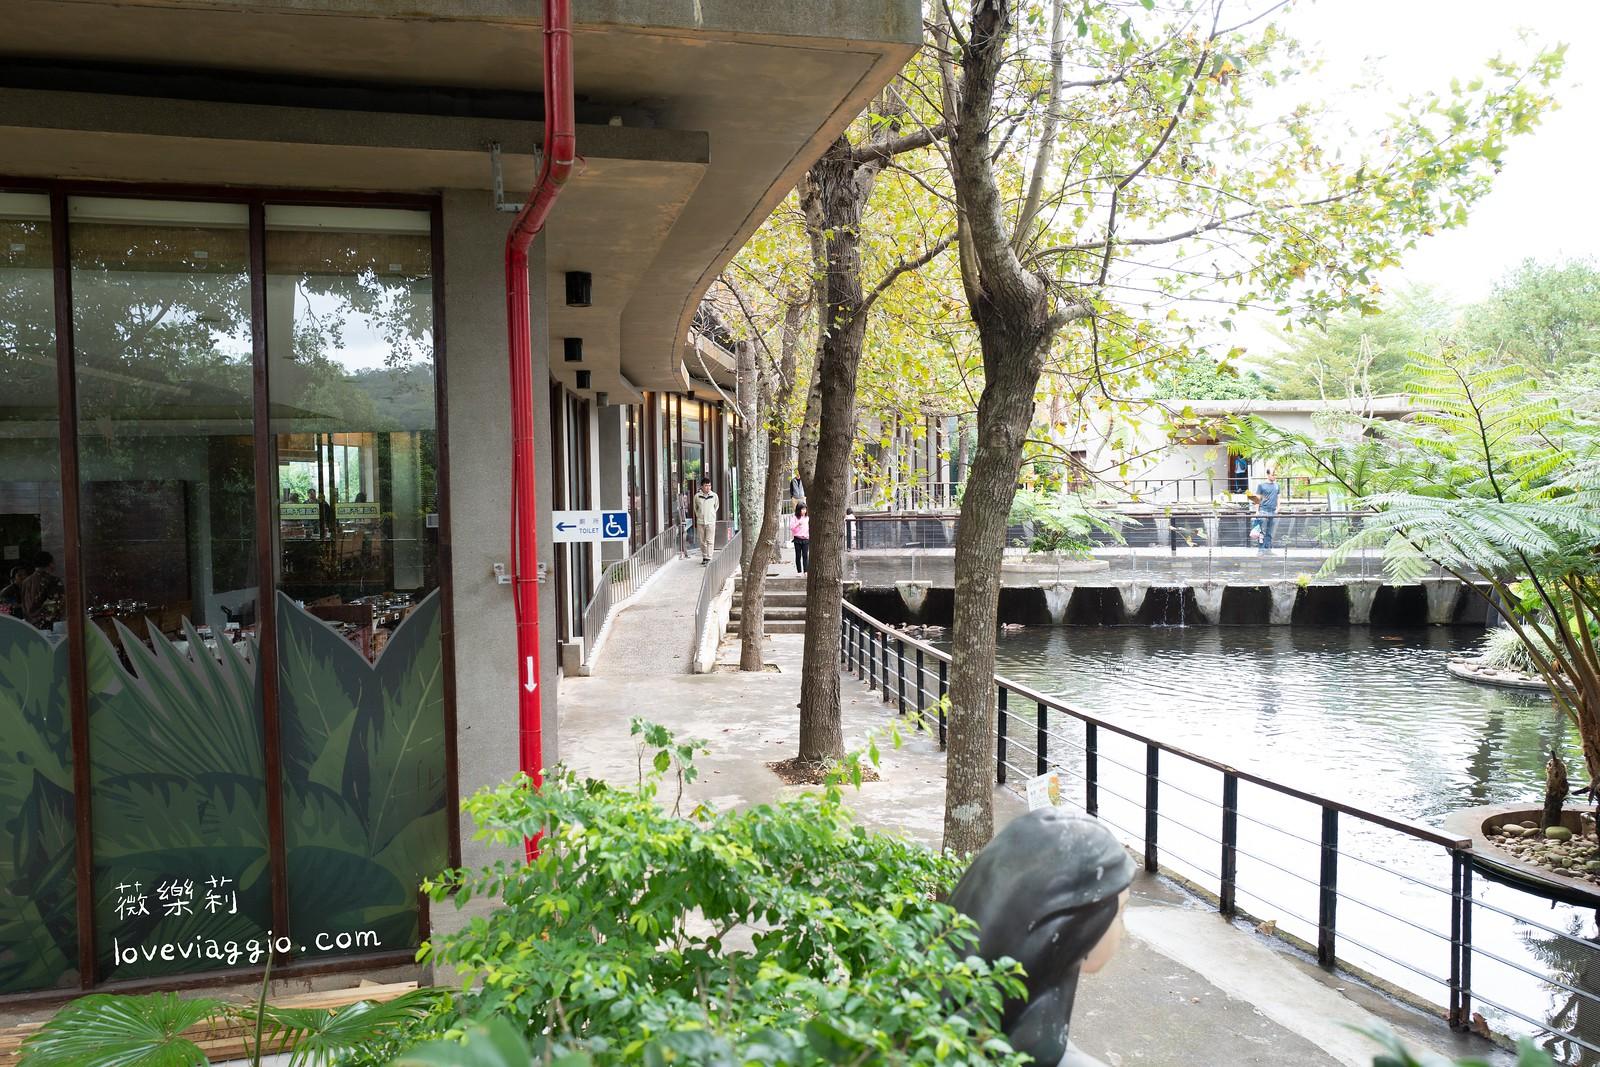 【台東 Taitung】台東原生應用植物園 植物園X牧場X餐廳 寓教於樂的休閒園區 @薇樂莉 Love Viaggio | 旅行.生活.攝影